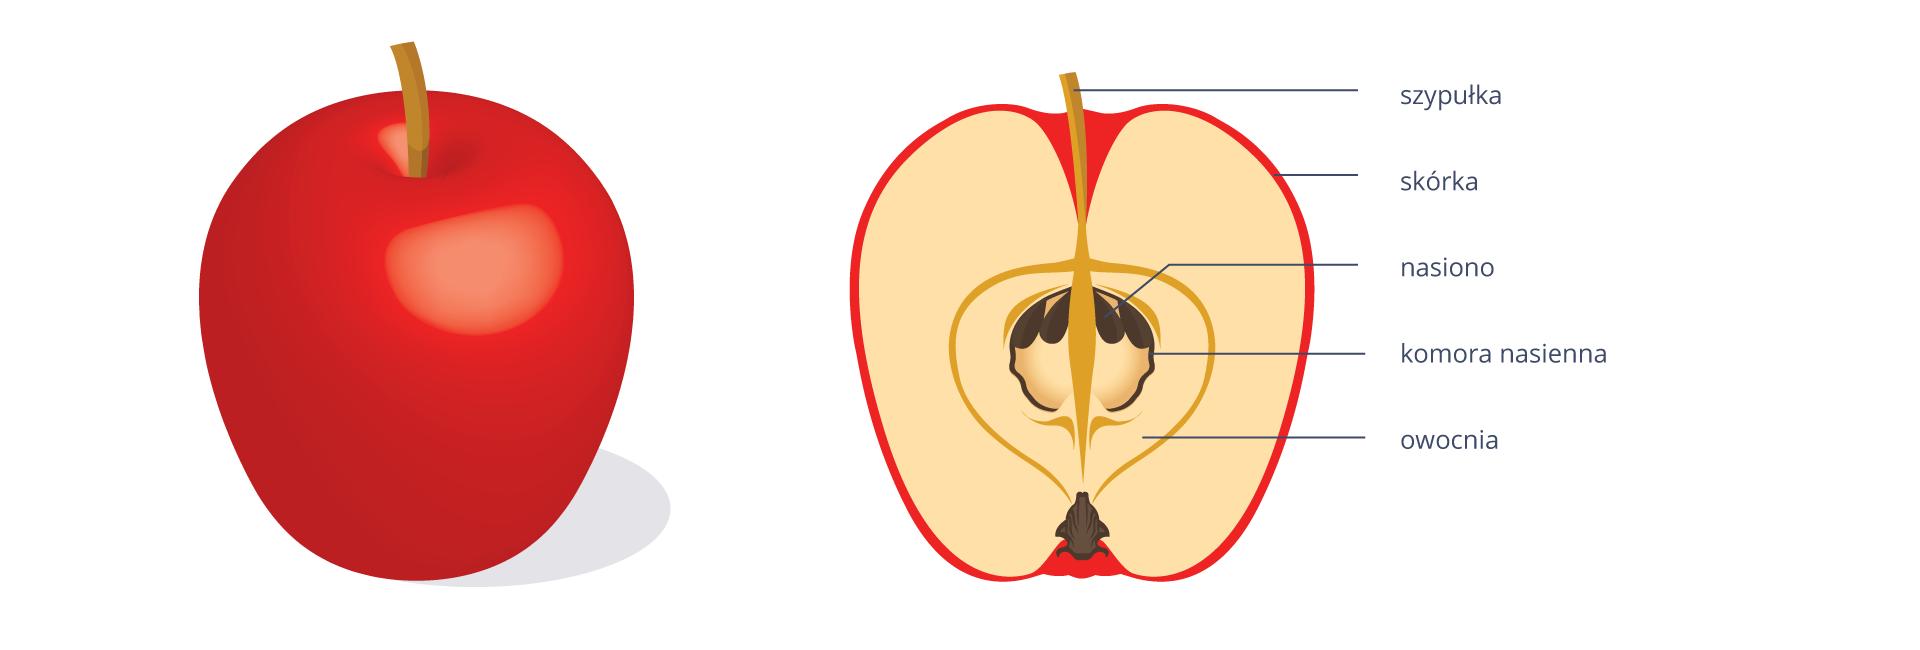 Na rysunku po lewej stronie znajduje się jabłko. Po prawej stronie jest przekrój tego jabłka. Ogonek oznaczony jest jako szypułka. Powierzchnia jabłka to skórka. Pod nią jest różowy miąższ powstały zdna kwiatowego. Wśrodku znajduje się komora nasienna znasionami.